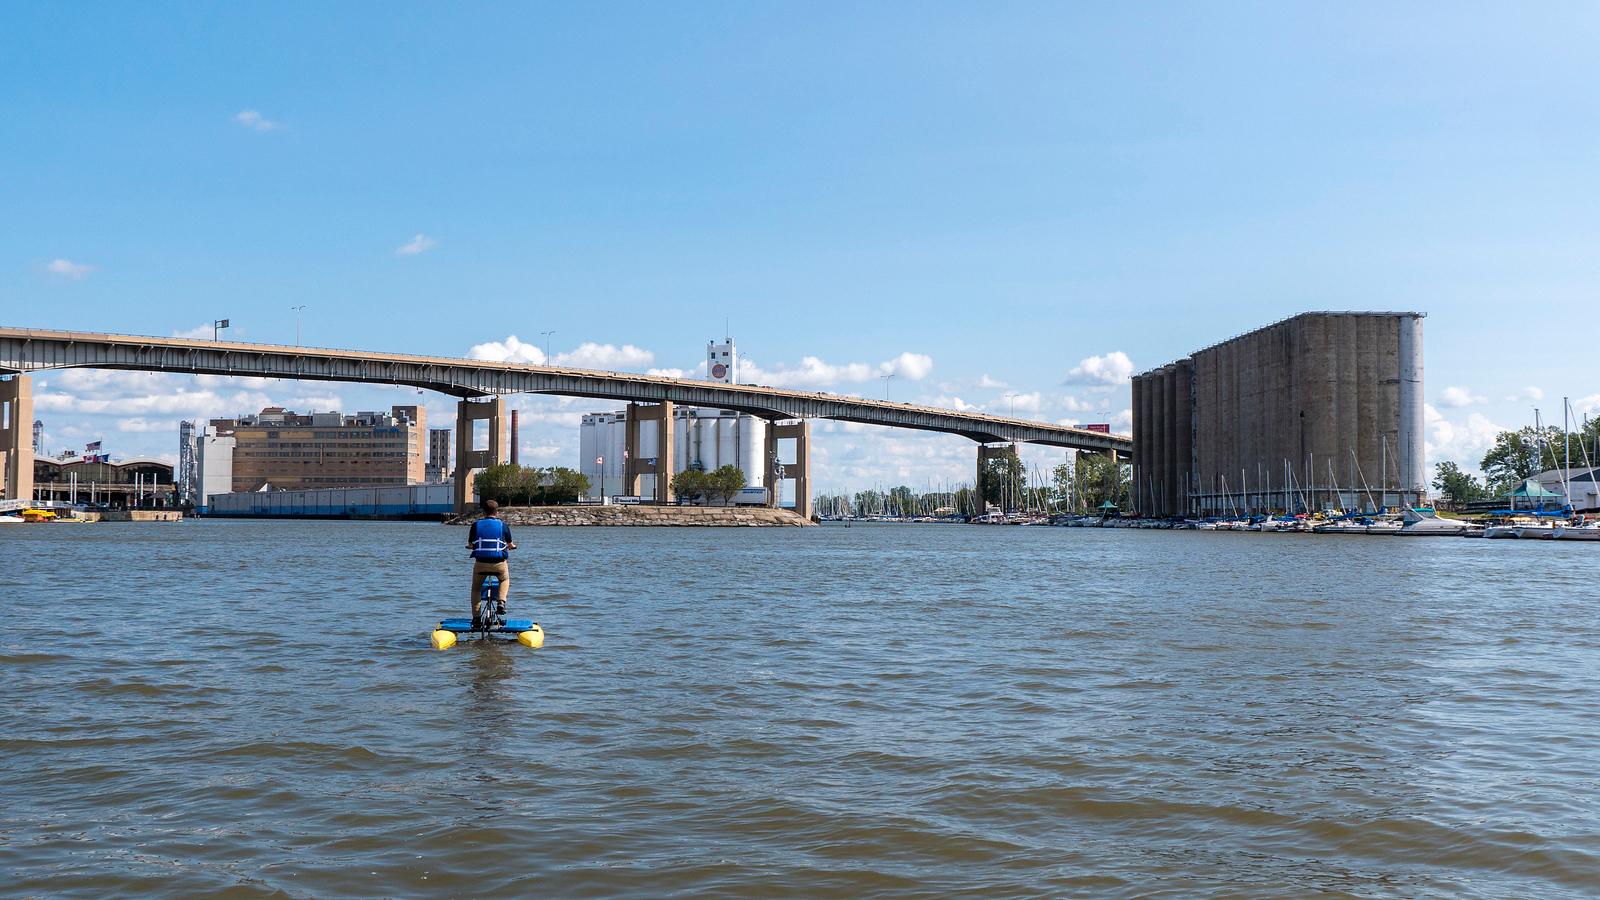 Water bikes of Buffalo - Fun things to do in Buffalo NY